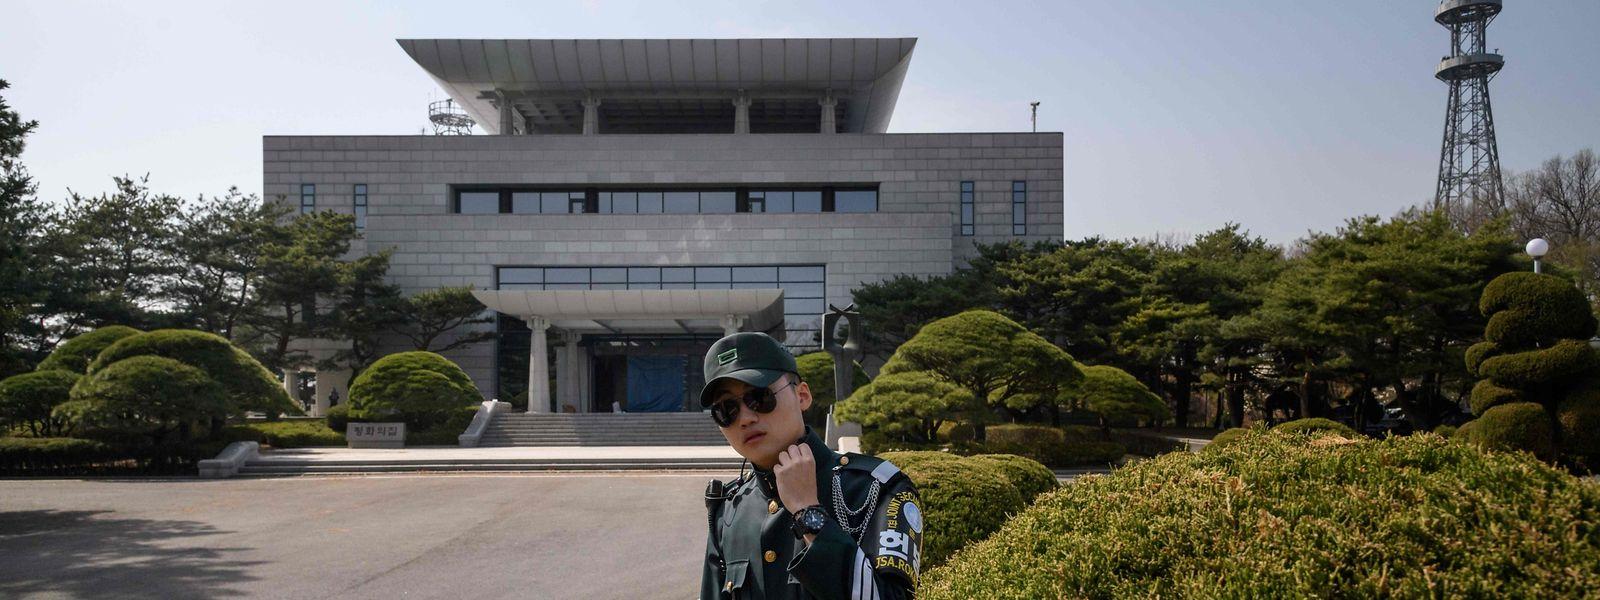 Der Grenzort Panmunjom zwischen Nord- und Südkorea soll laut US-Berichten als Treffpunkt ausgeschlossen worden sein.